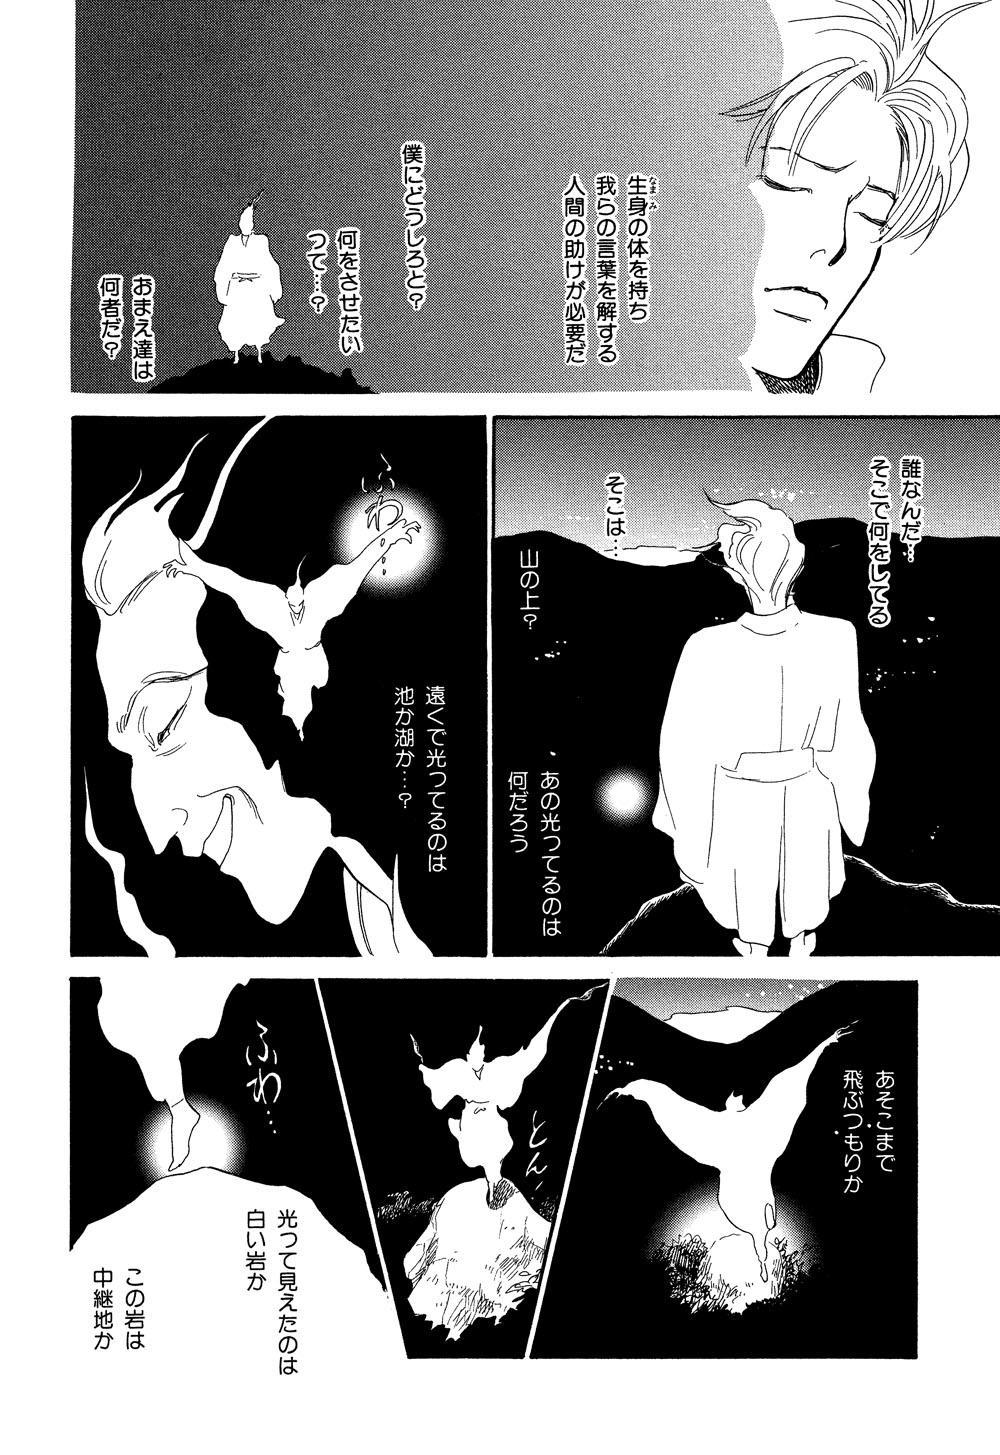 百鬼夜行抄_07_0037.jpg